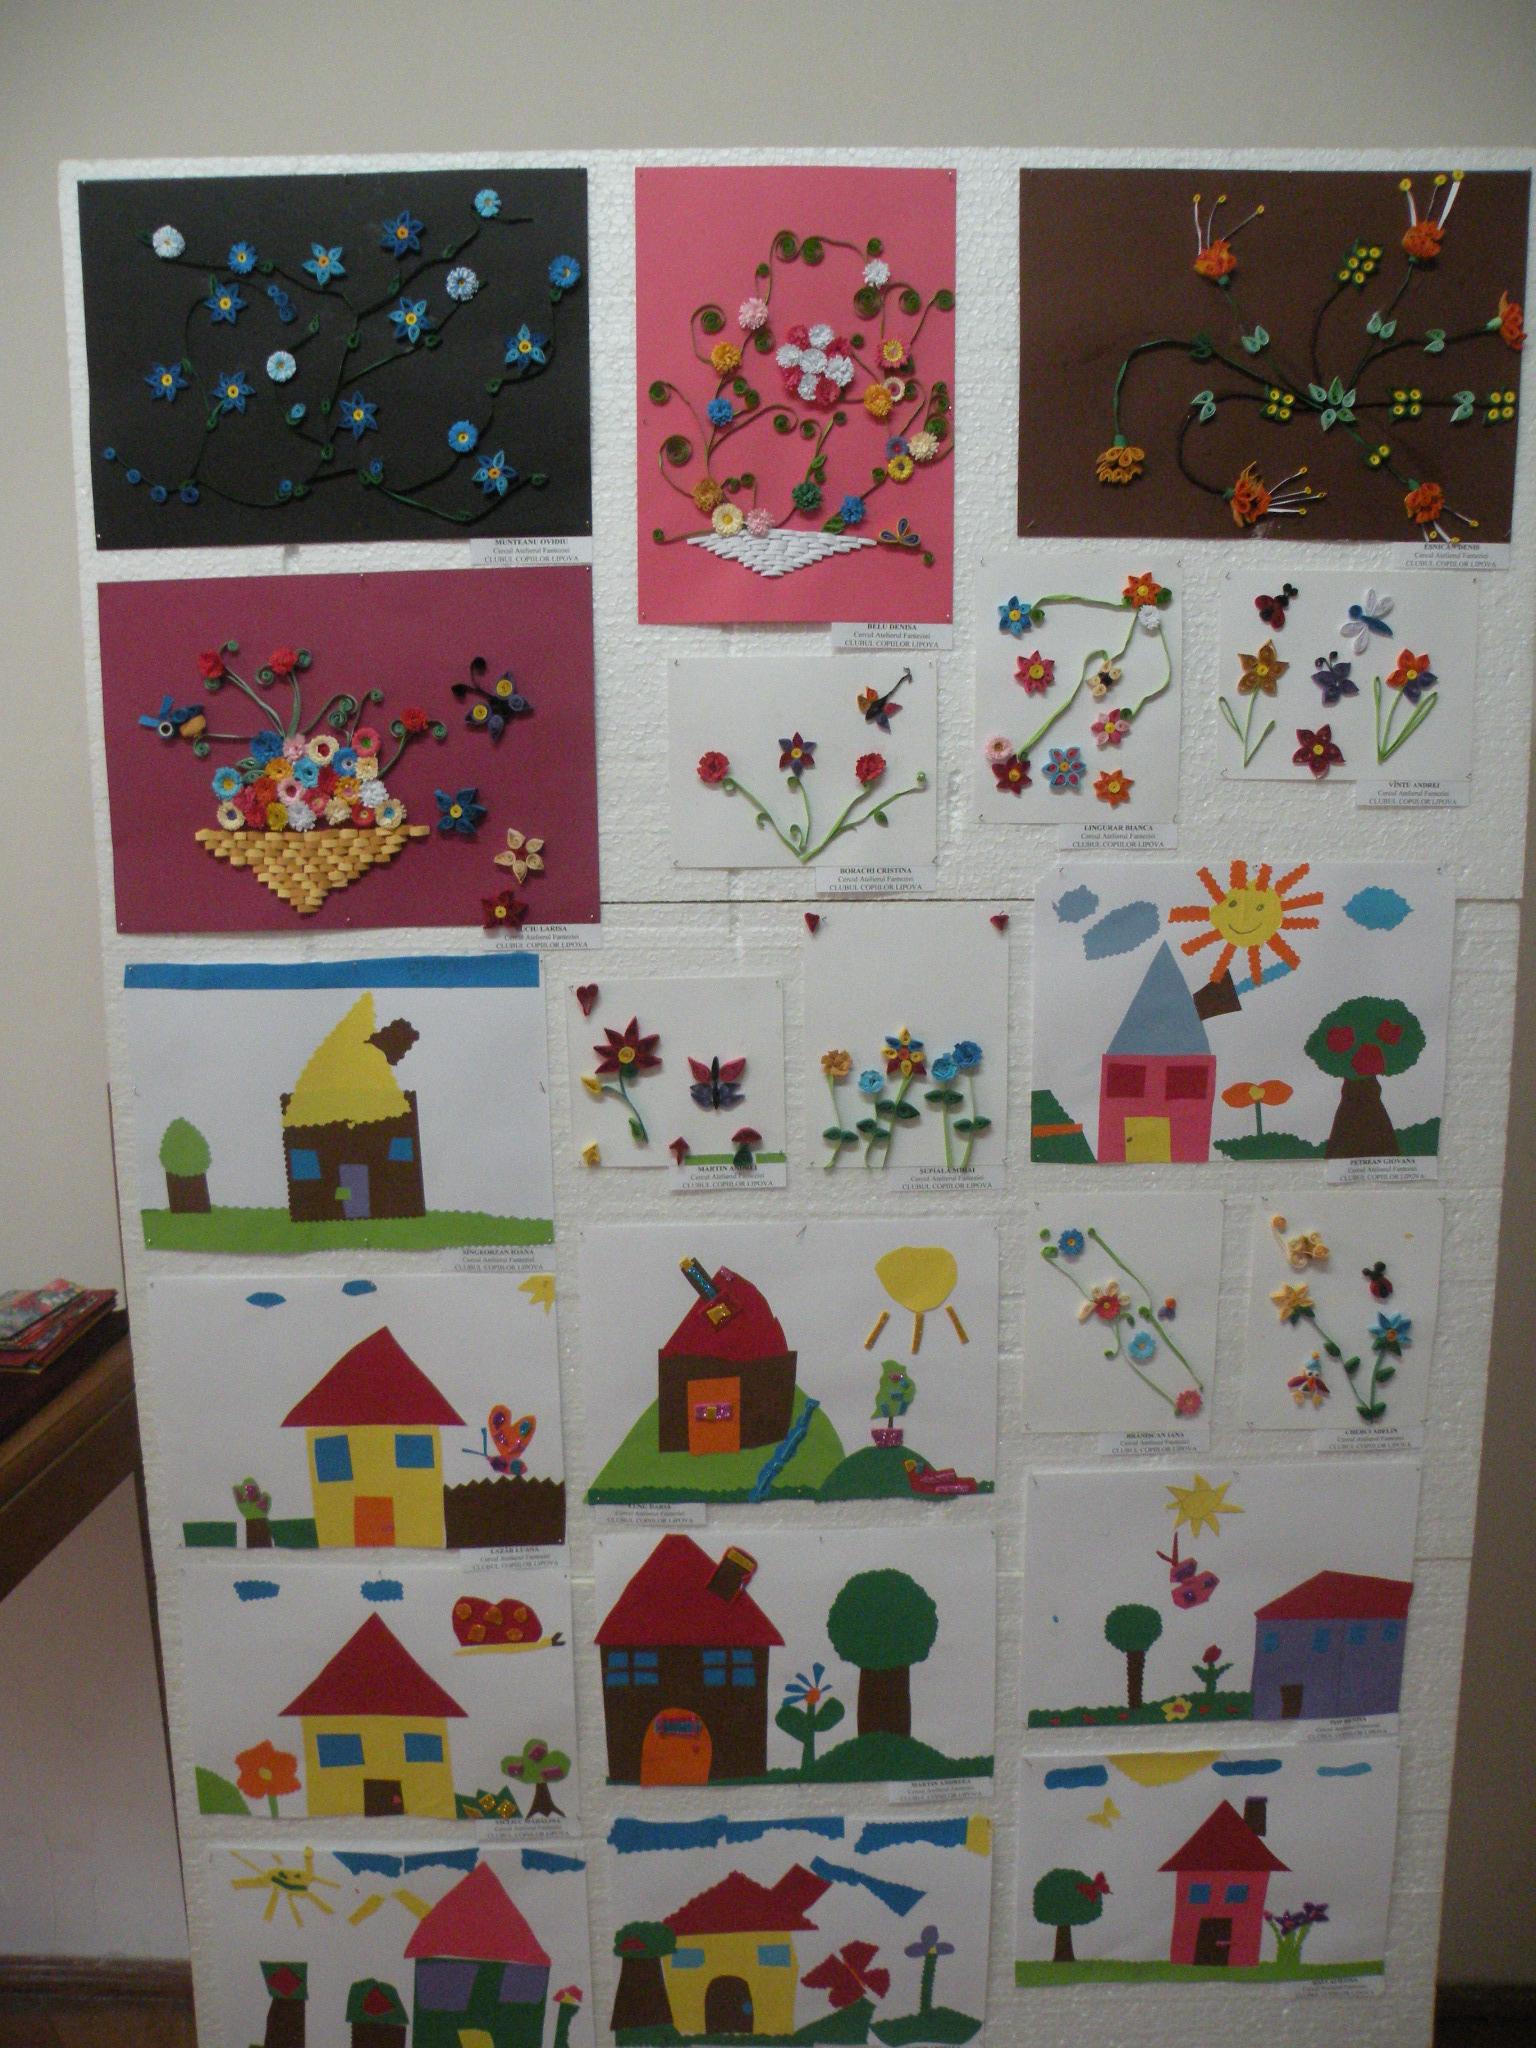 Creatiile copiilor expuse la muzeu au fost foarte colorate si originale